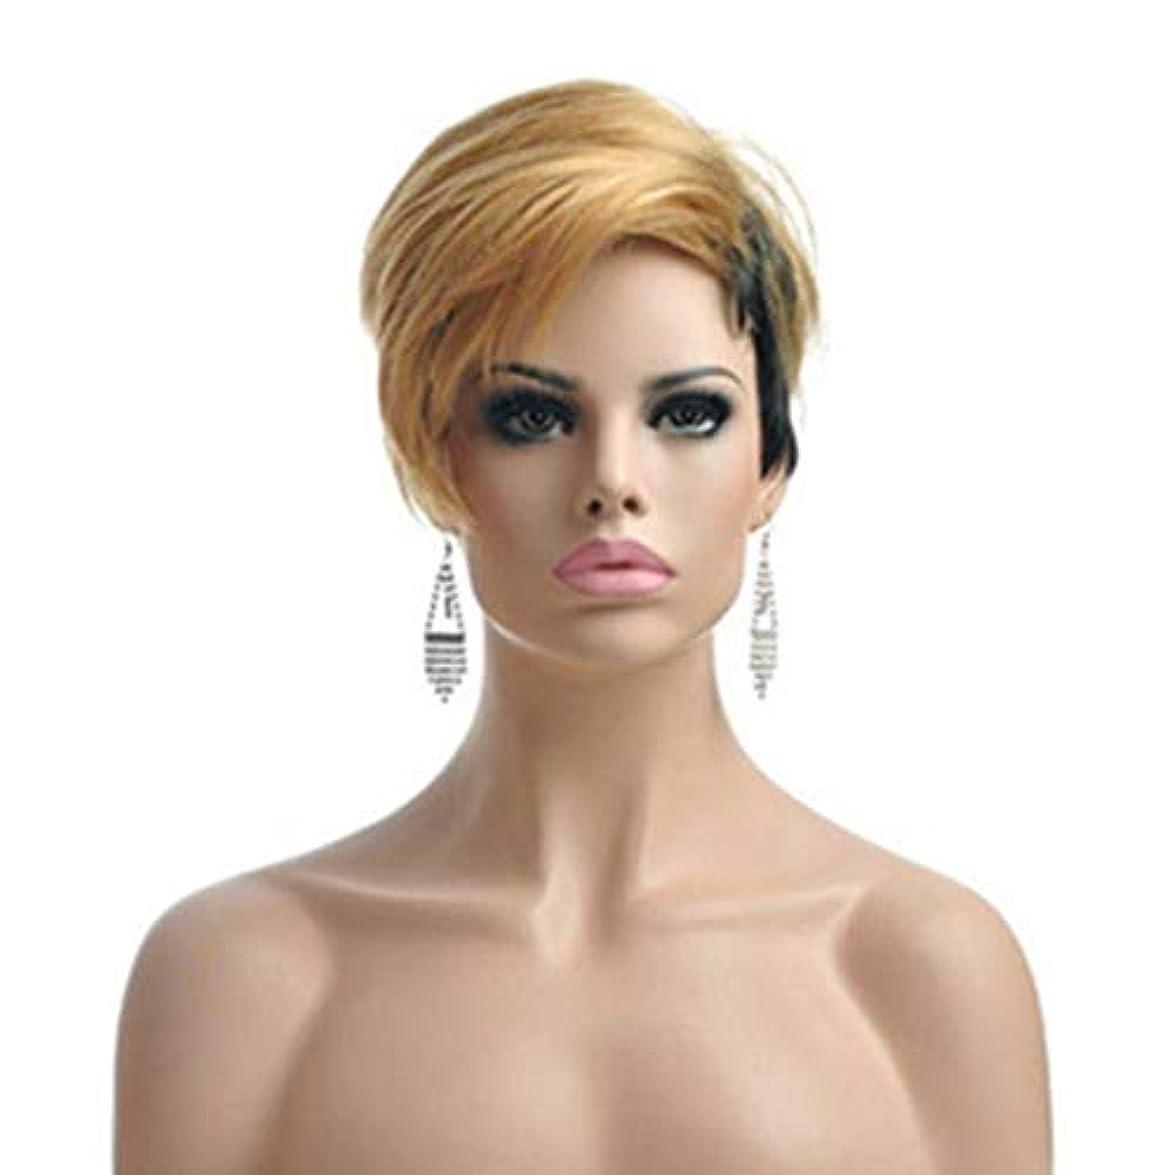 ホイットニーカプセル名誉ウィッグ - フルウィッグ - コスプレウィッグ- ヘア- ウィッグ - 人格のファッション短い直線高温シルクのかつら自然のソフトハロウィンボールロールプレイ25センチメートル多色 成人女性に適しています (色 : 褐色...